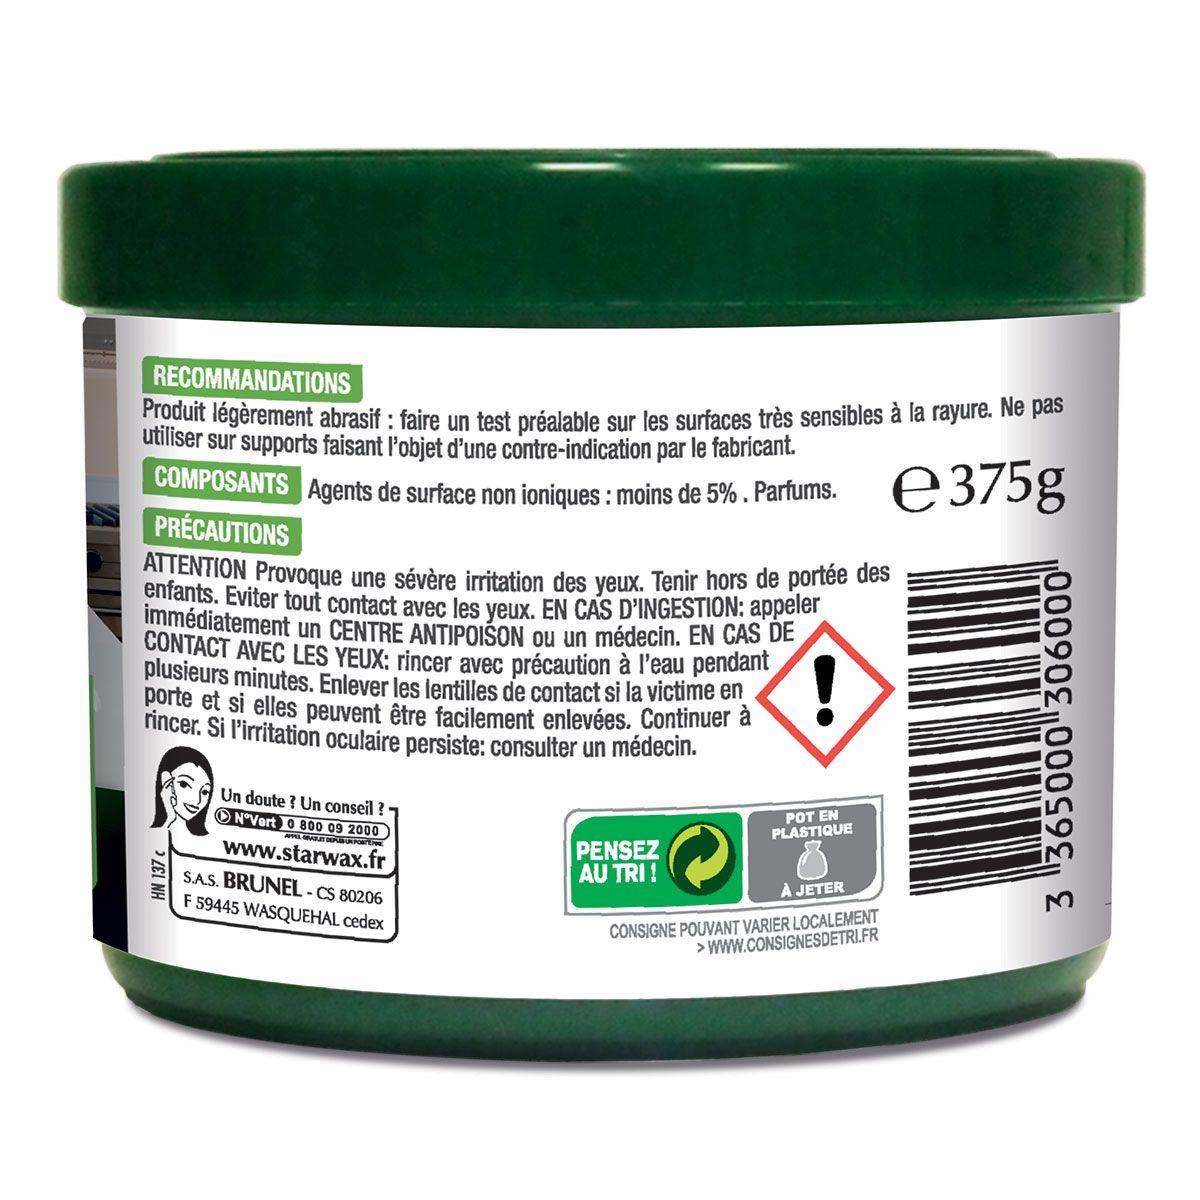 Pierre de nettoyage blanche avec matières actives 100% d'origine naturelle - Starwax